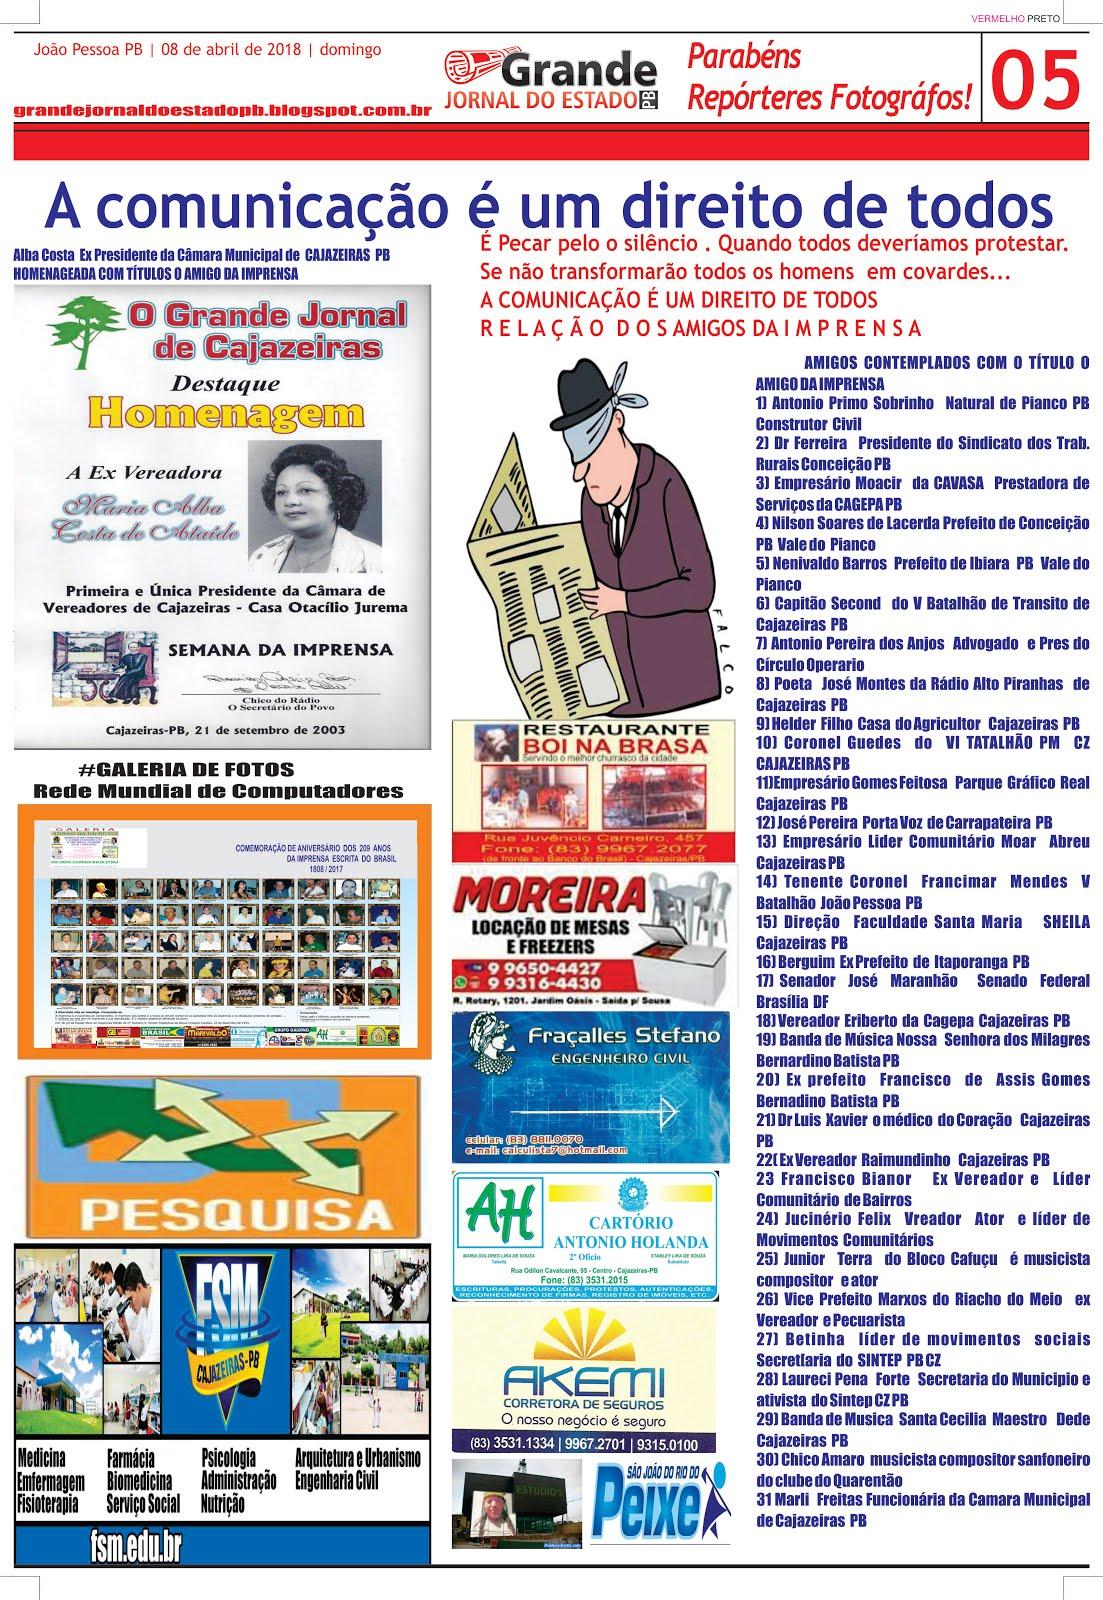 PRIMEIRO HOMENAGEADOS  DA FINALIZAÇÃO DO EVENTO 209 ANOS DA IMPRENSA  BRASILEIRA